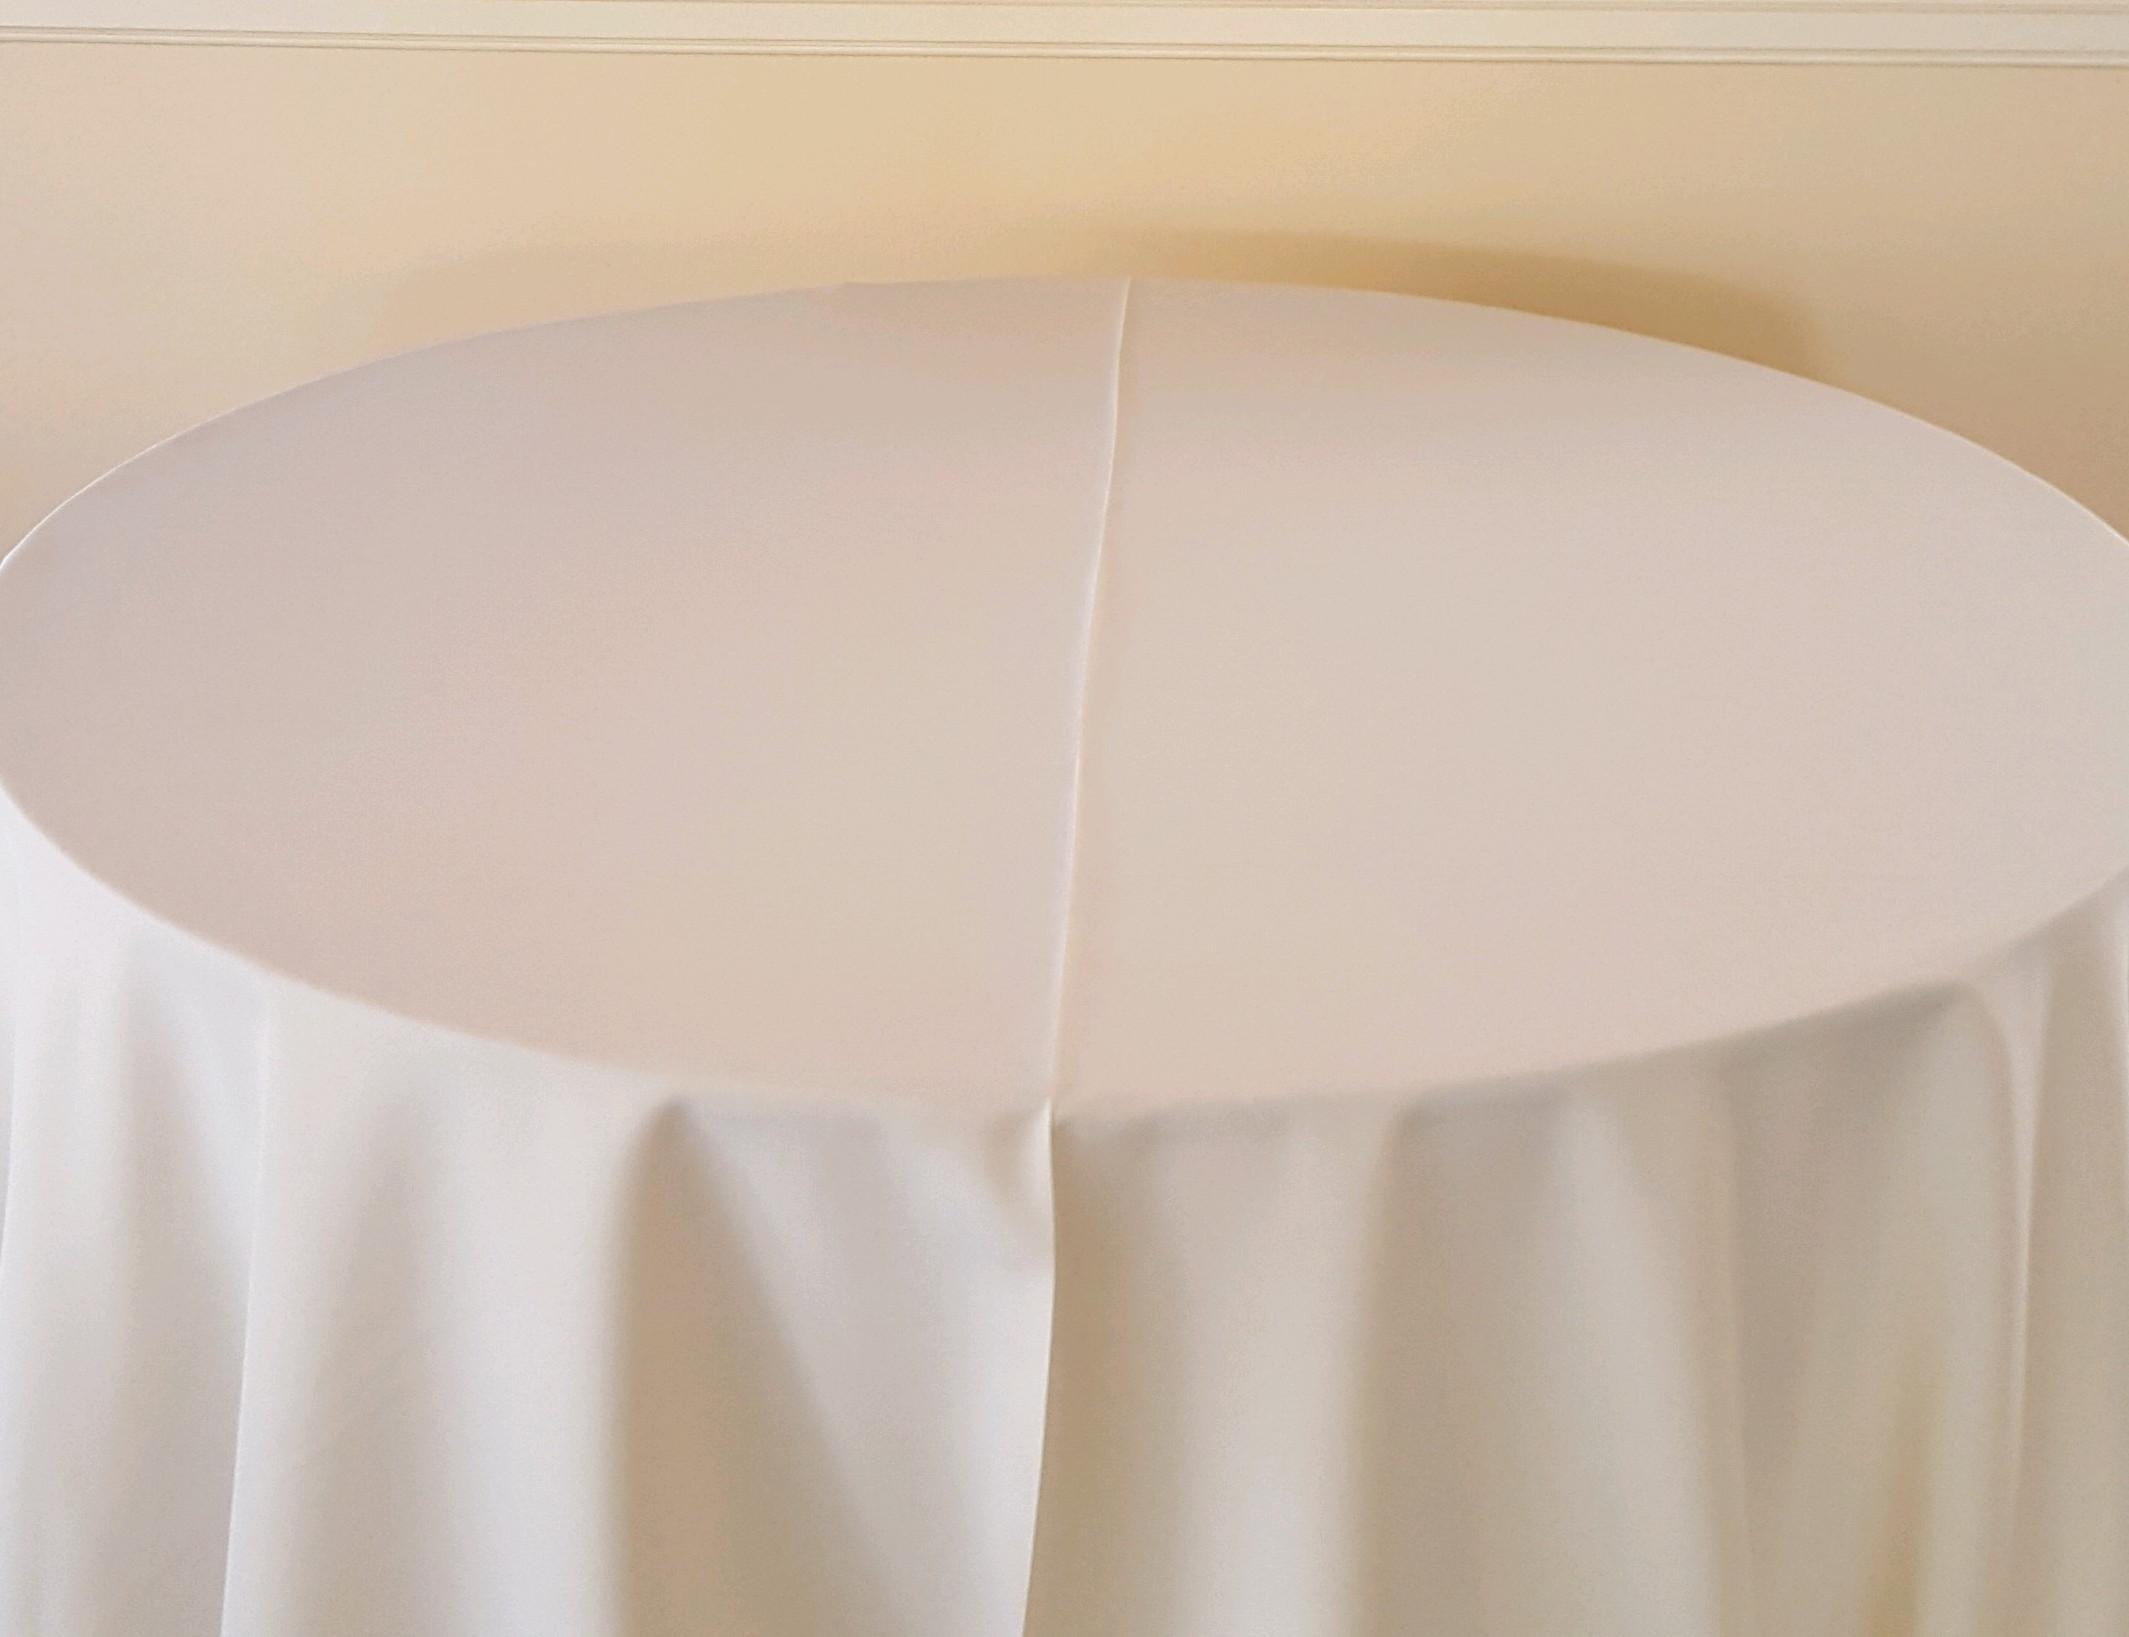 """Ivory - King drape, 130"""" drape, 120"""" drape, 108"""" drape, 90"""" drape, 6' banquet, 8' banquet & napkins"""